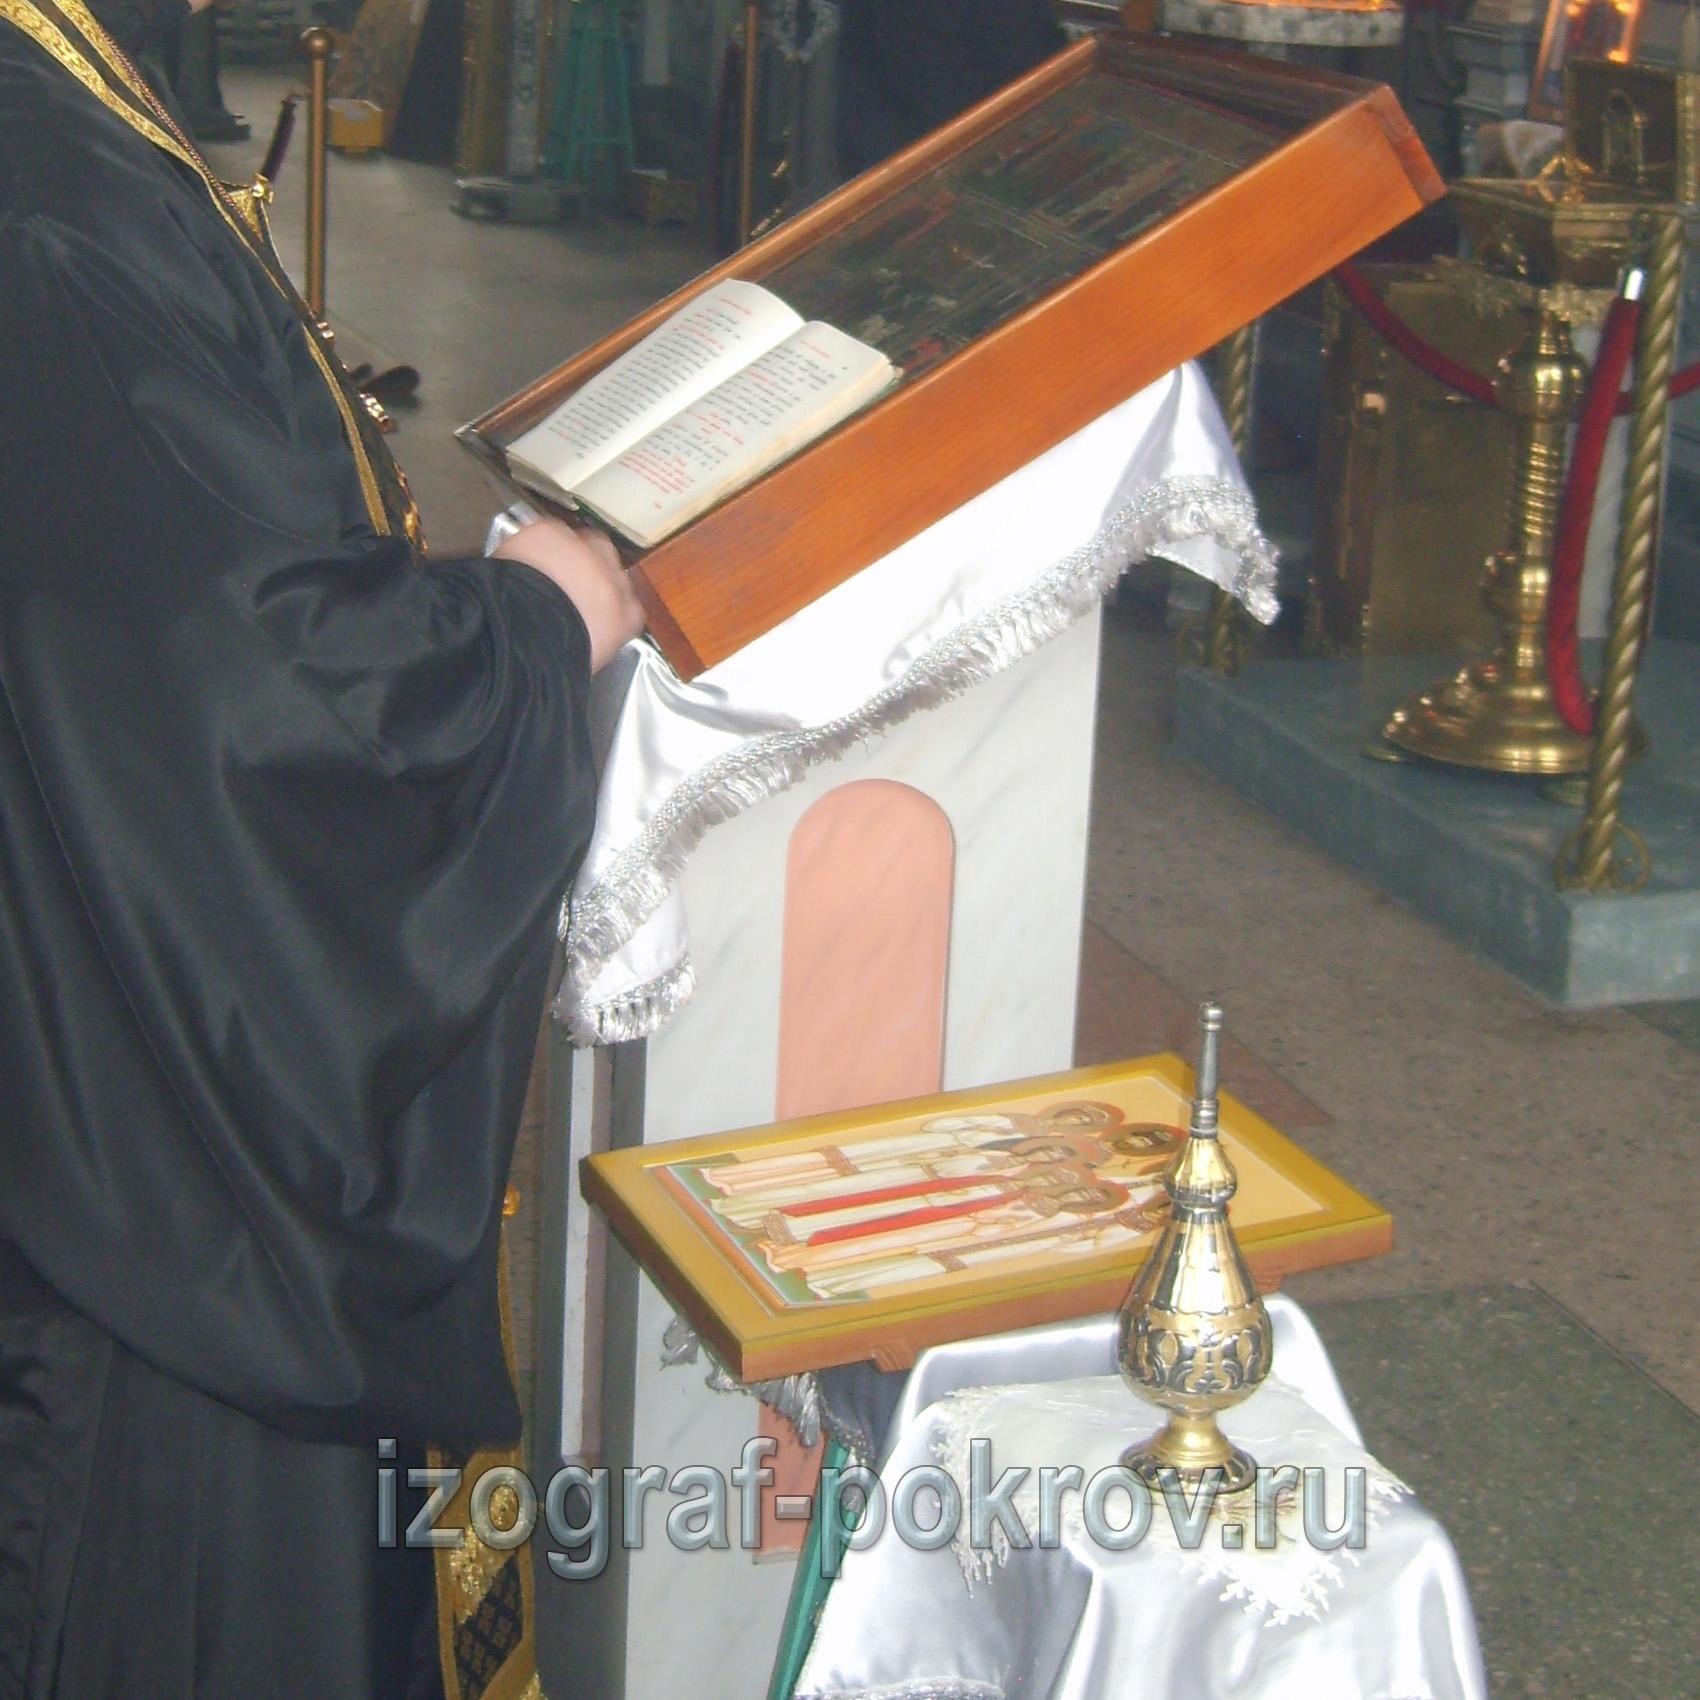 Освящение иконы царской семьи (царственных страстотерпцев)